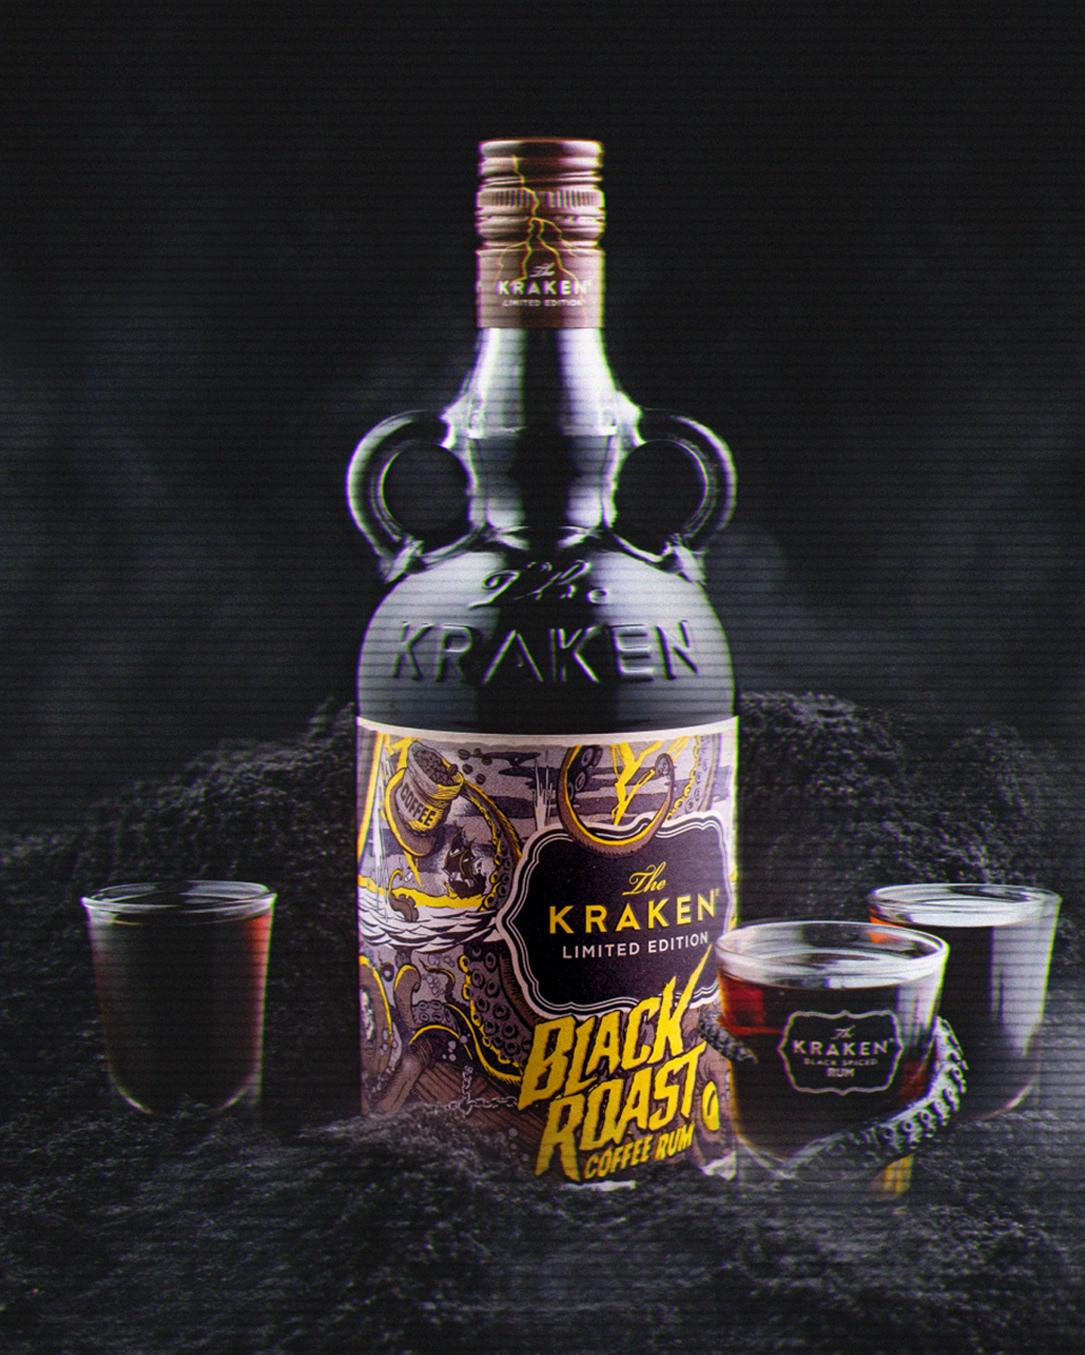 kraken release the kraken Rum Coffee coffee rum Label Packaging